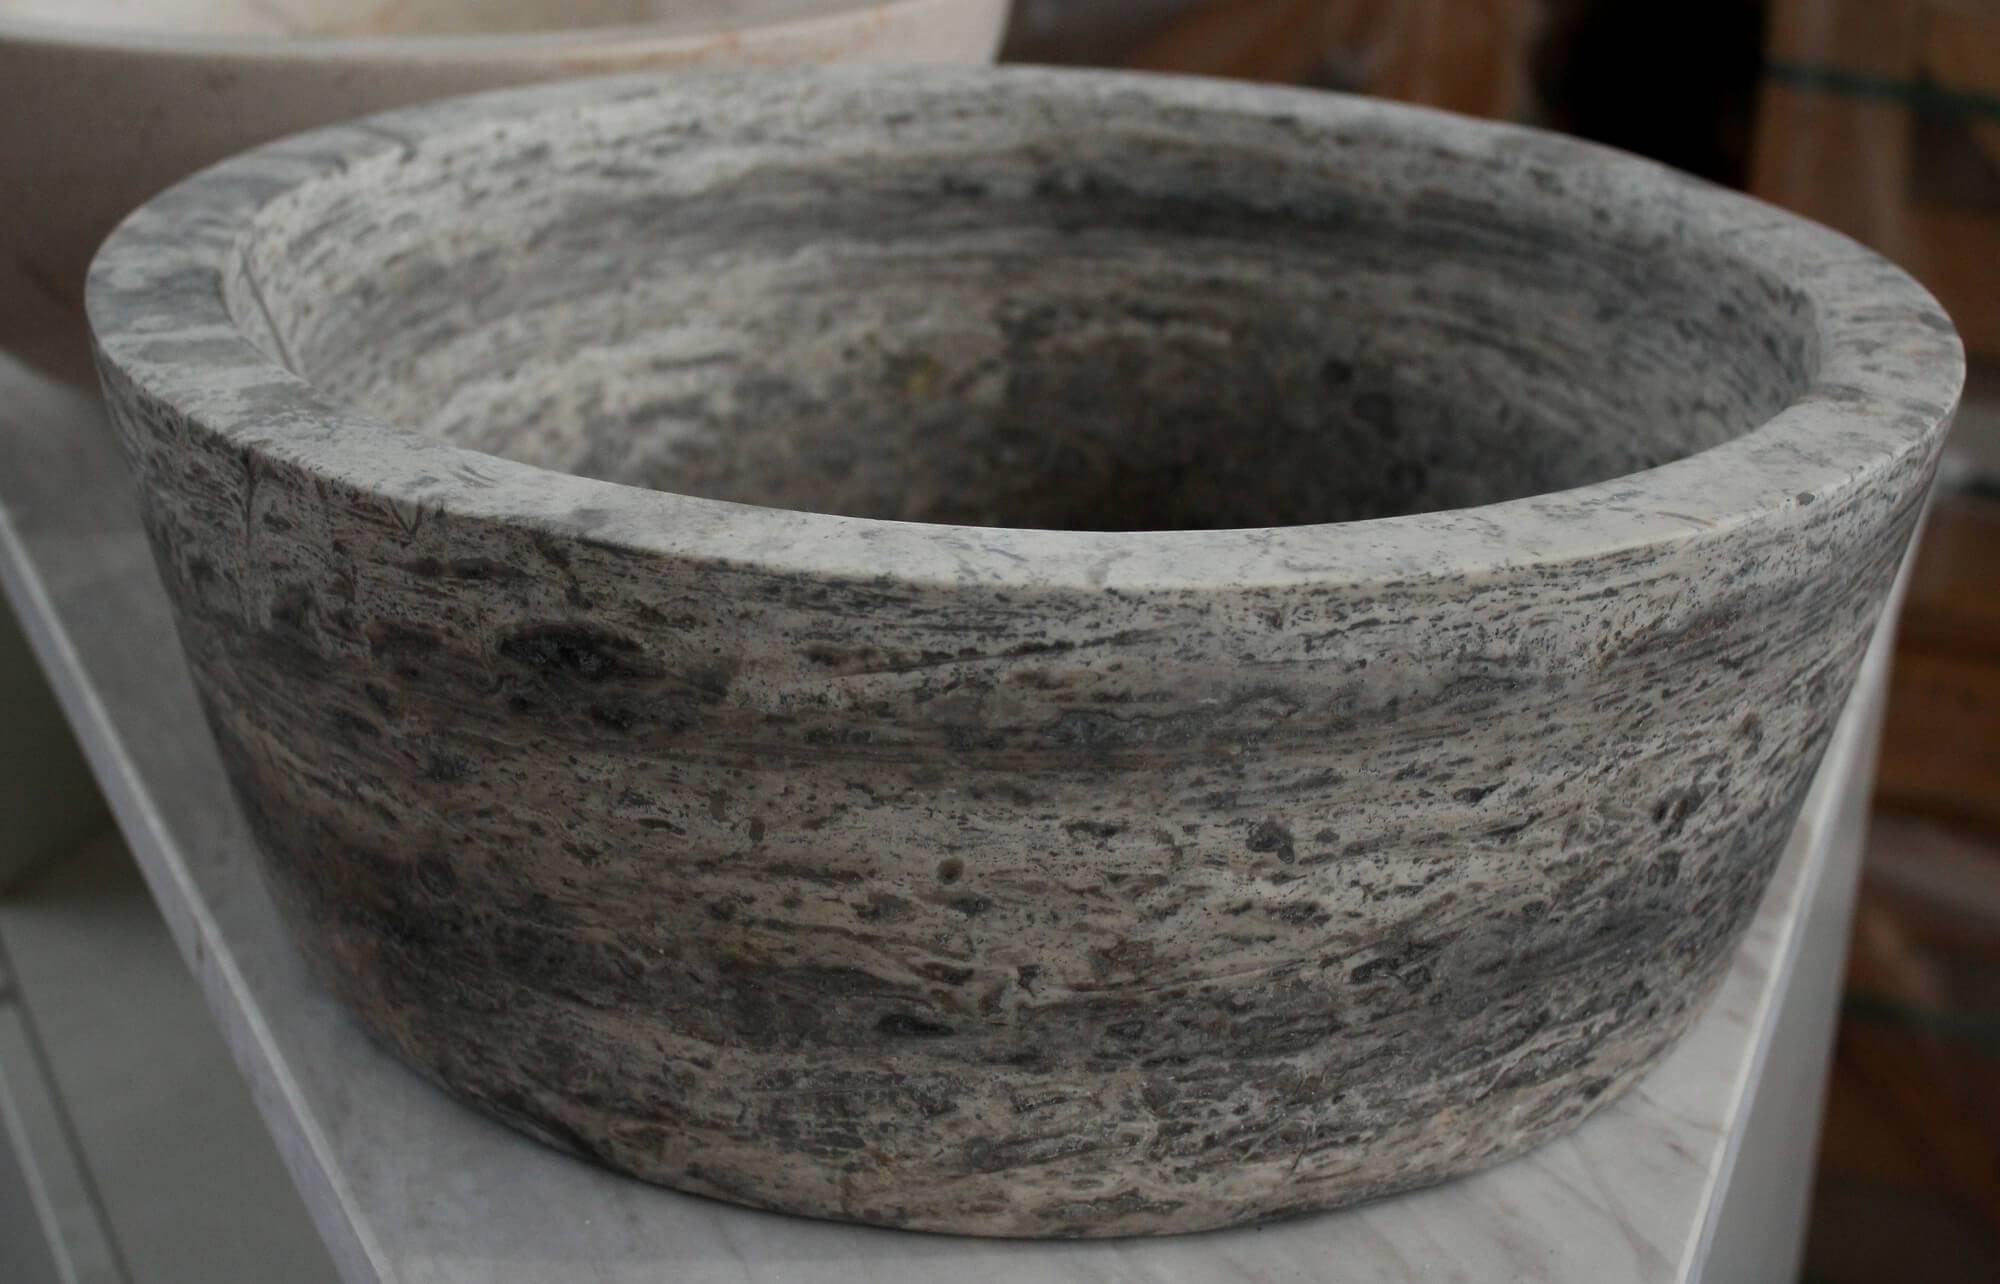 Мраморный умывальник в виде чаши, Турция фото 1 — изелия и проекты от Bevers Marmyr